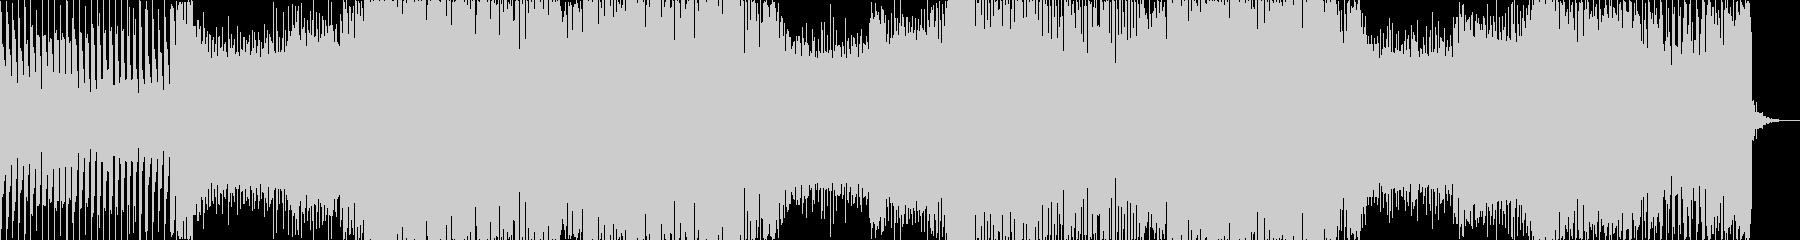 トランシーなEDMの未再生の波形